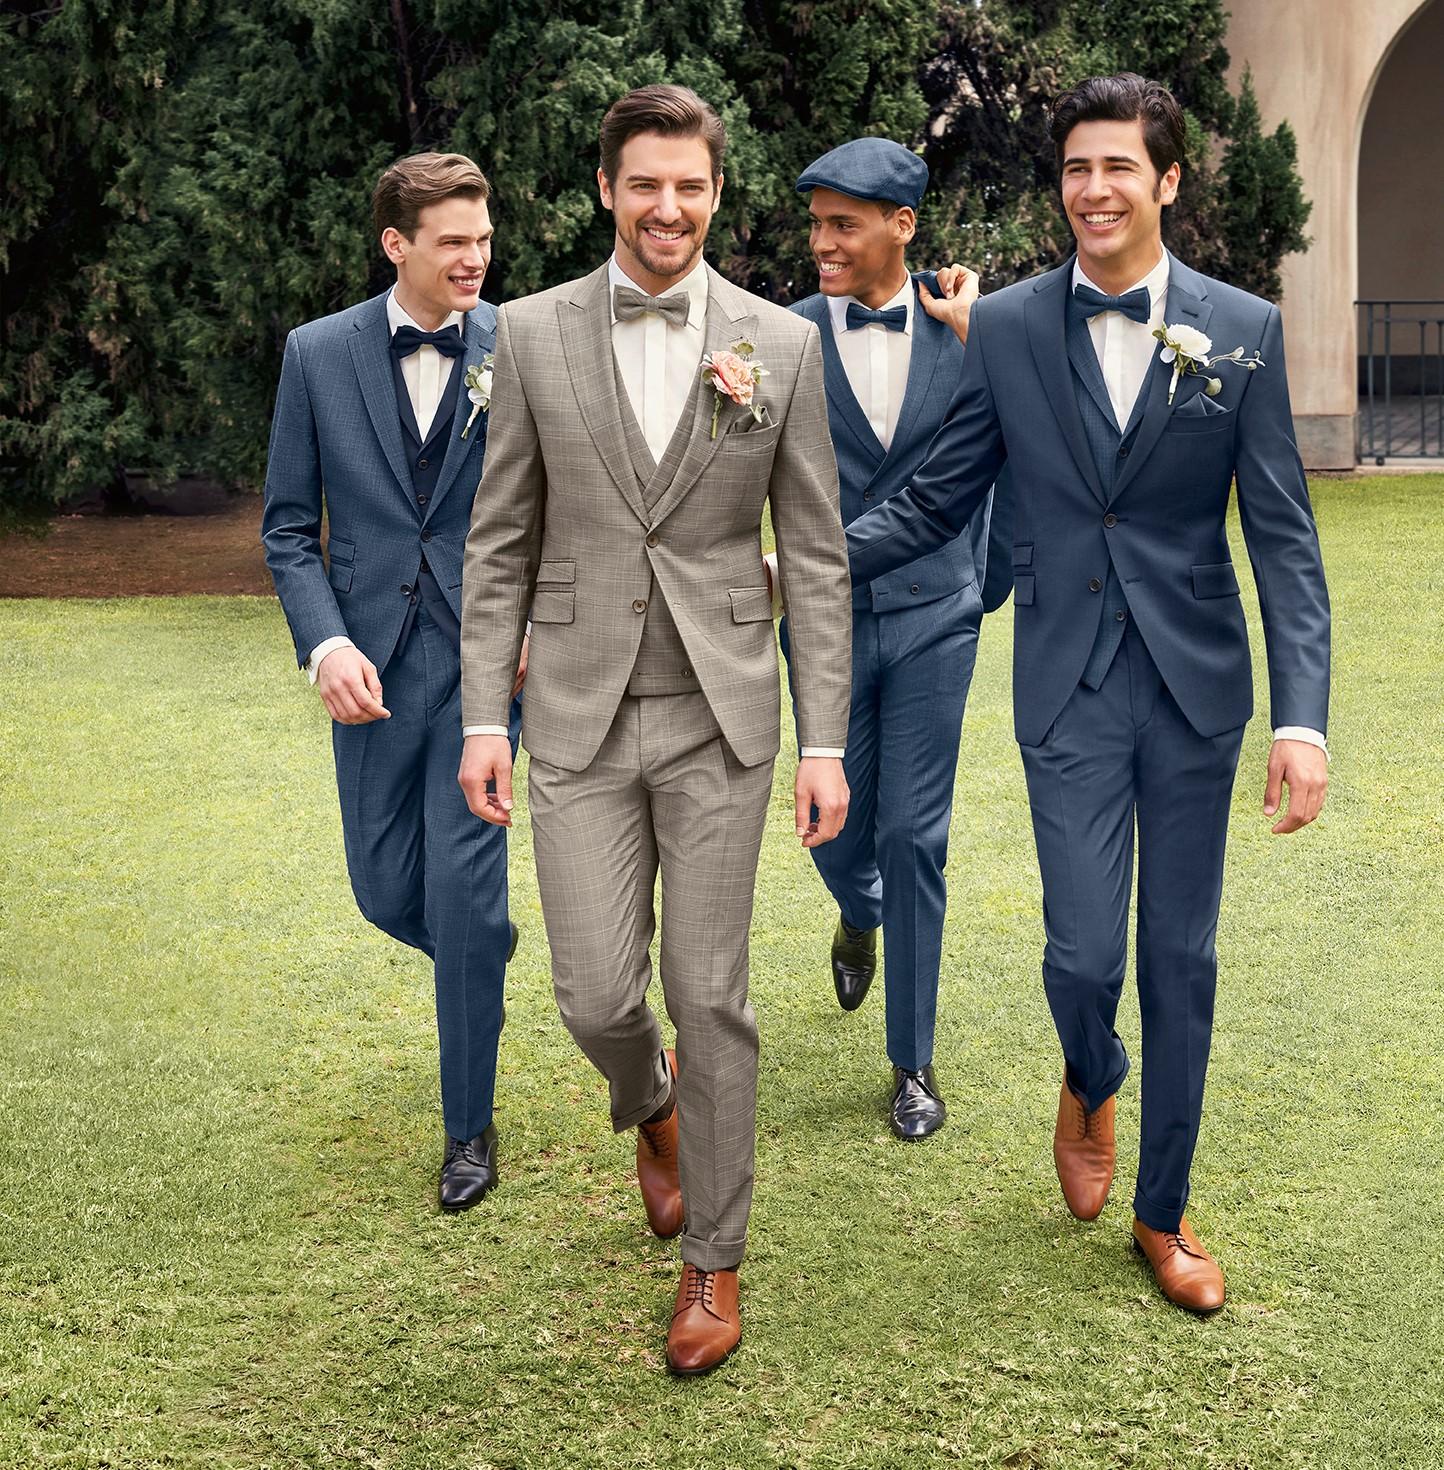 Hochzeit Blauer Anzug Braune Schuhe